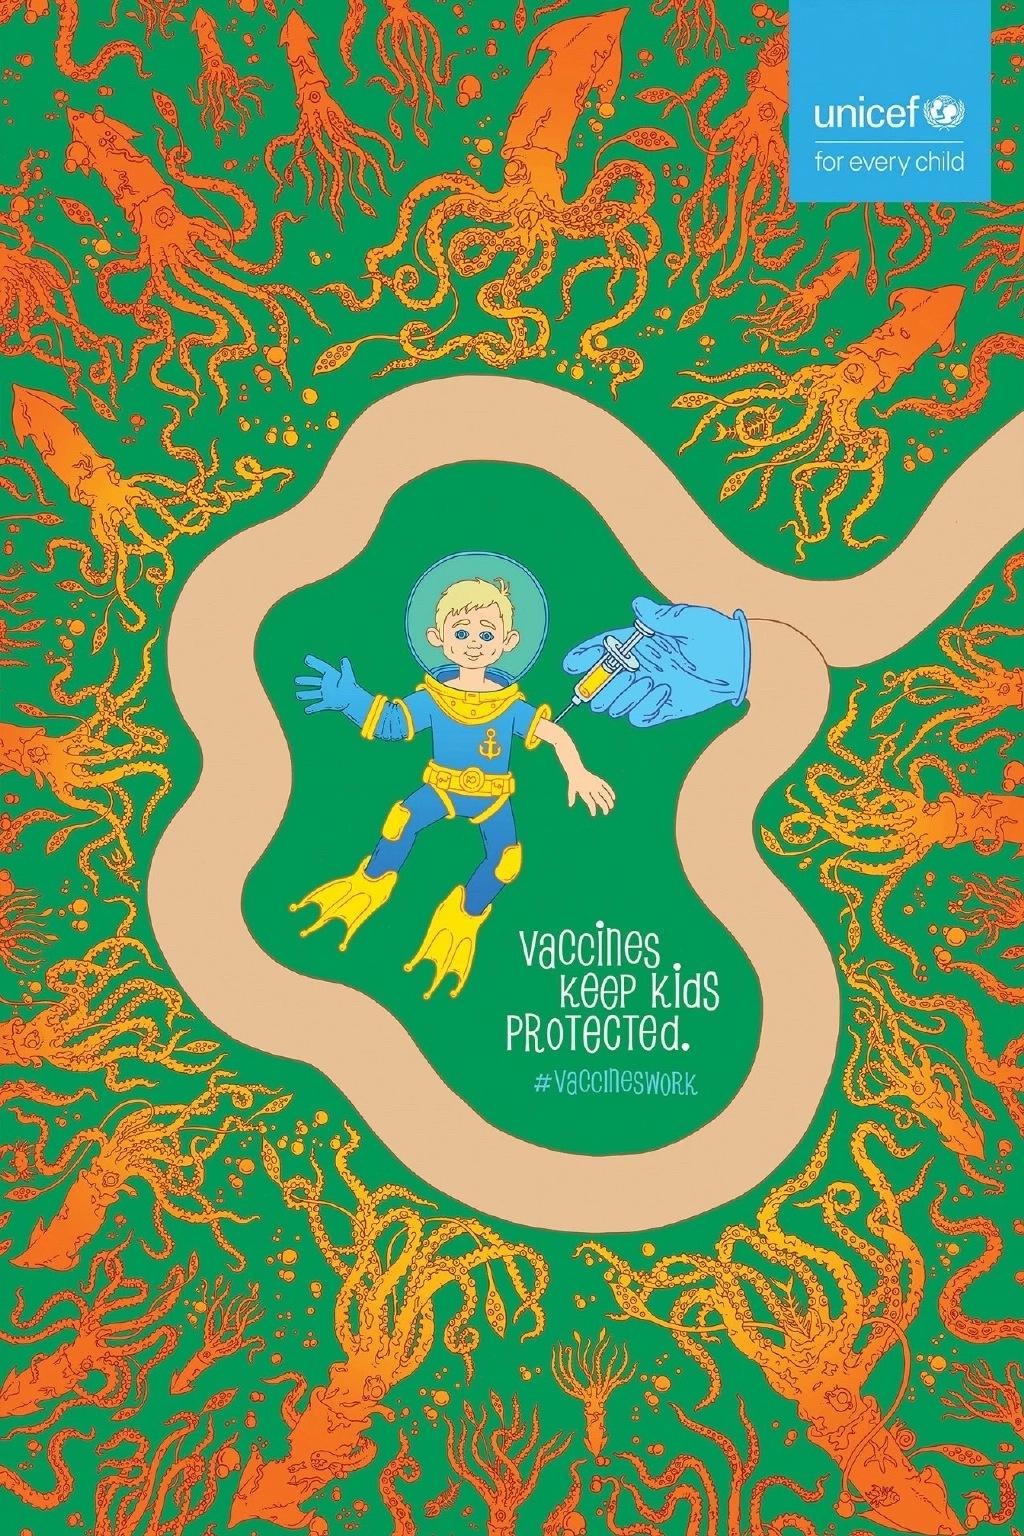 联合国儿童基金会:牛痘疫苗系列海报设计